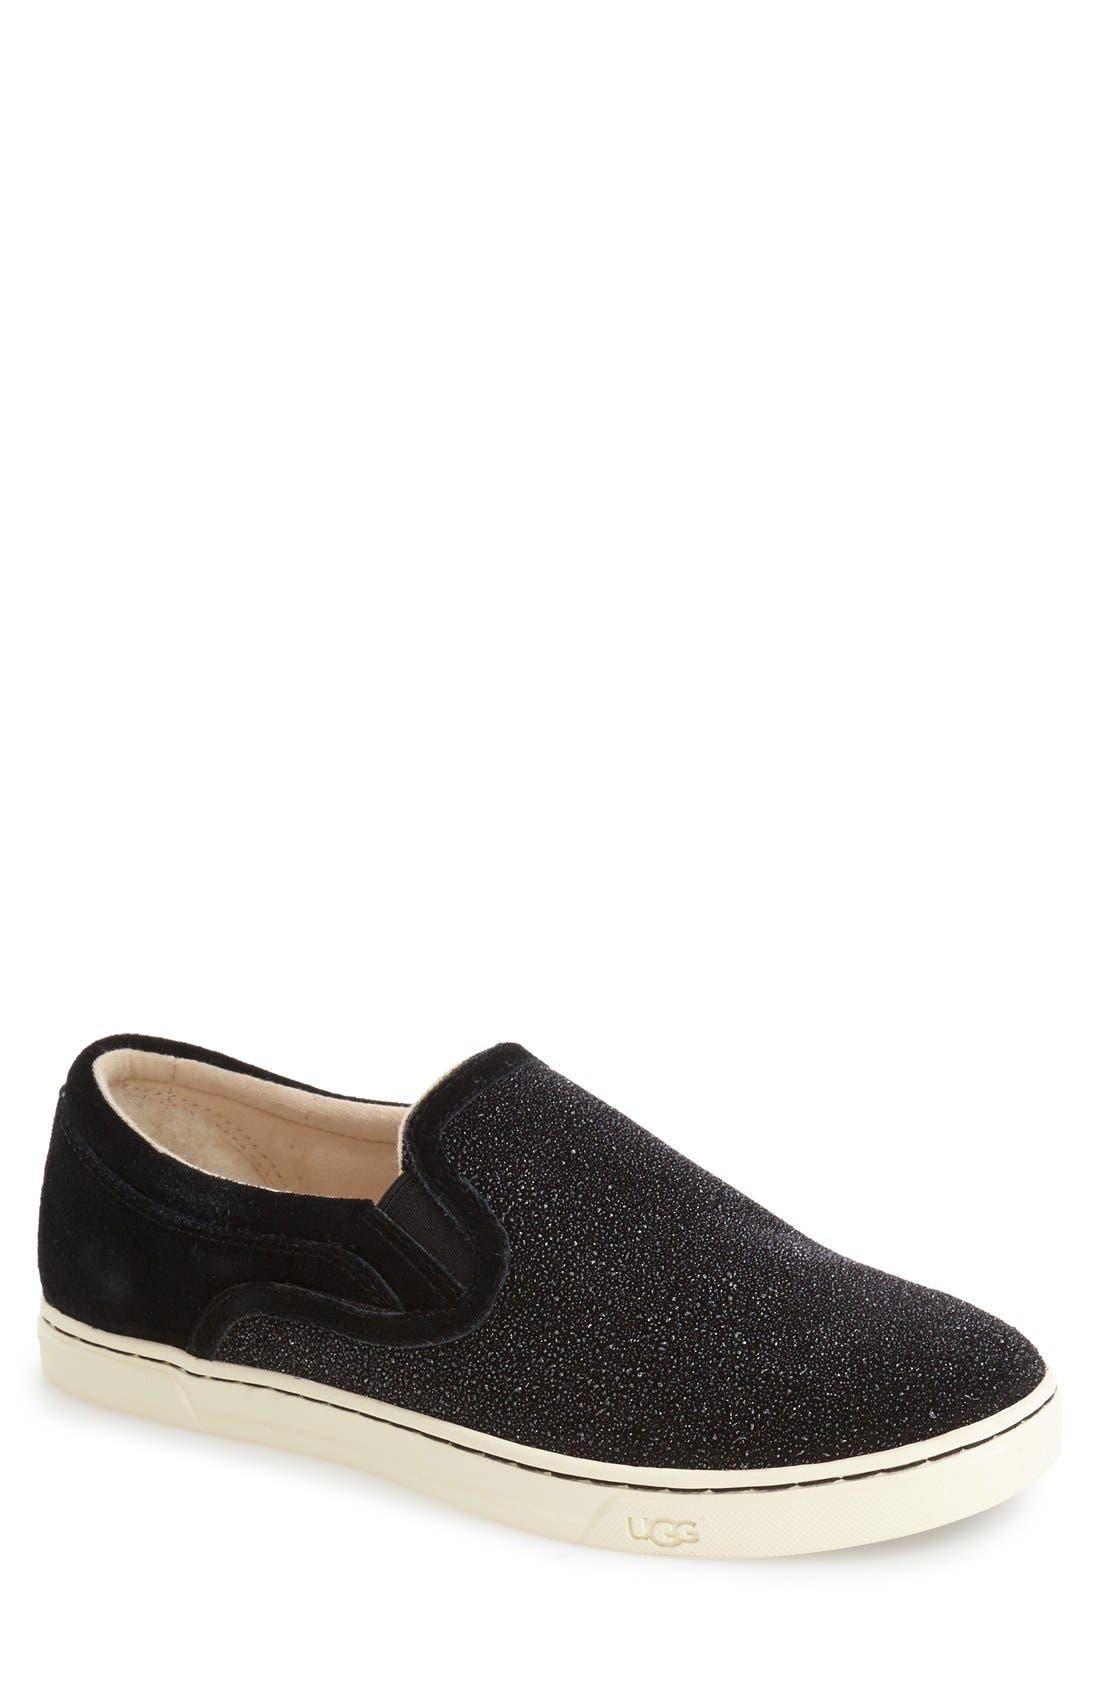 Fierce Slip-On Sneaker,                         Main,                         color, 001